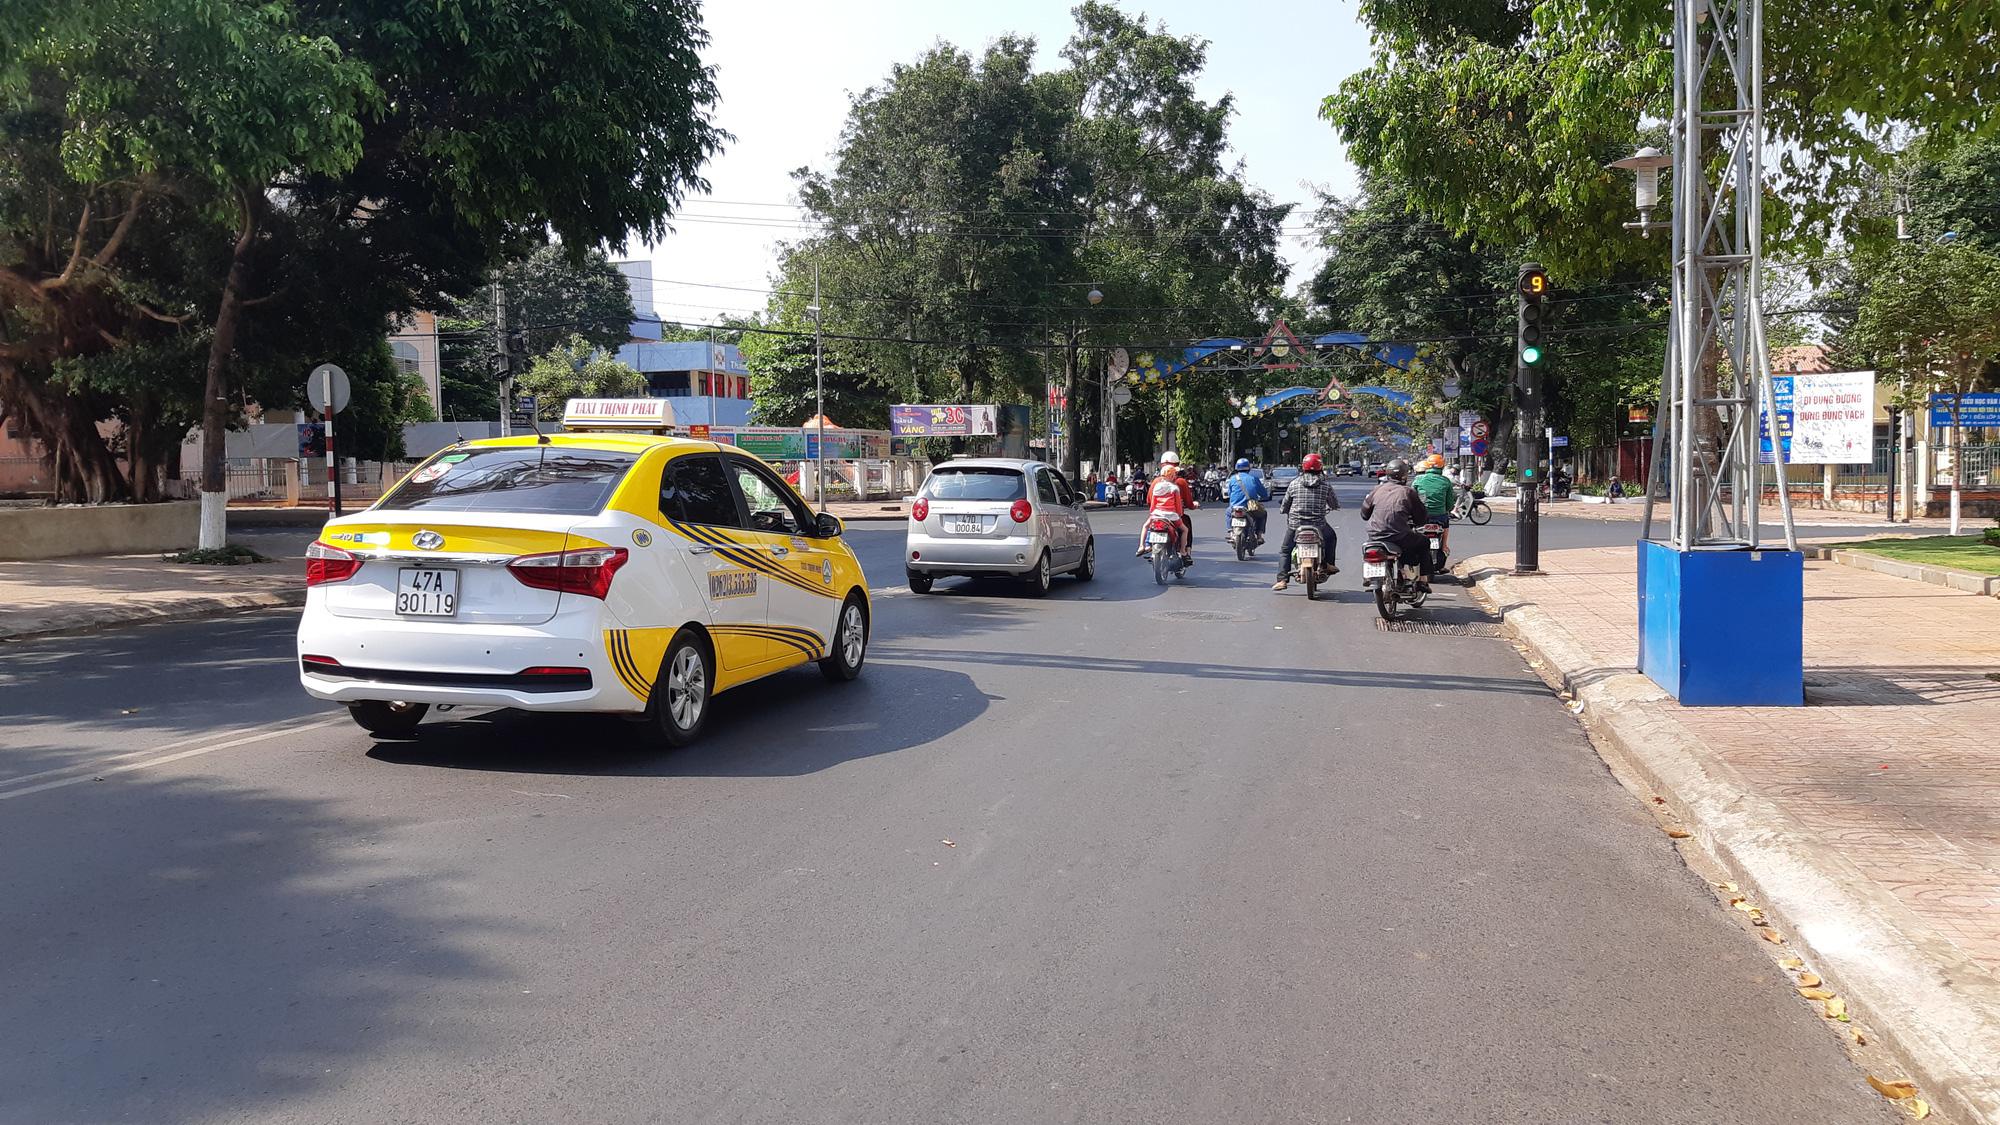 Cả nước nghỉ để chống dịch, Đắk Lắk vẫn cho taxi, xe buýt chạy - Ảnh 1.